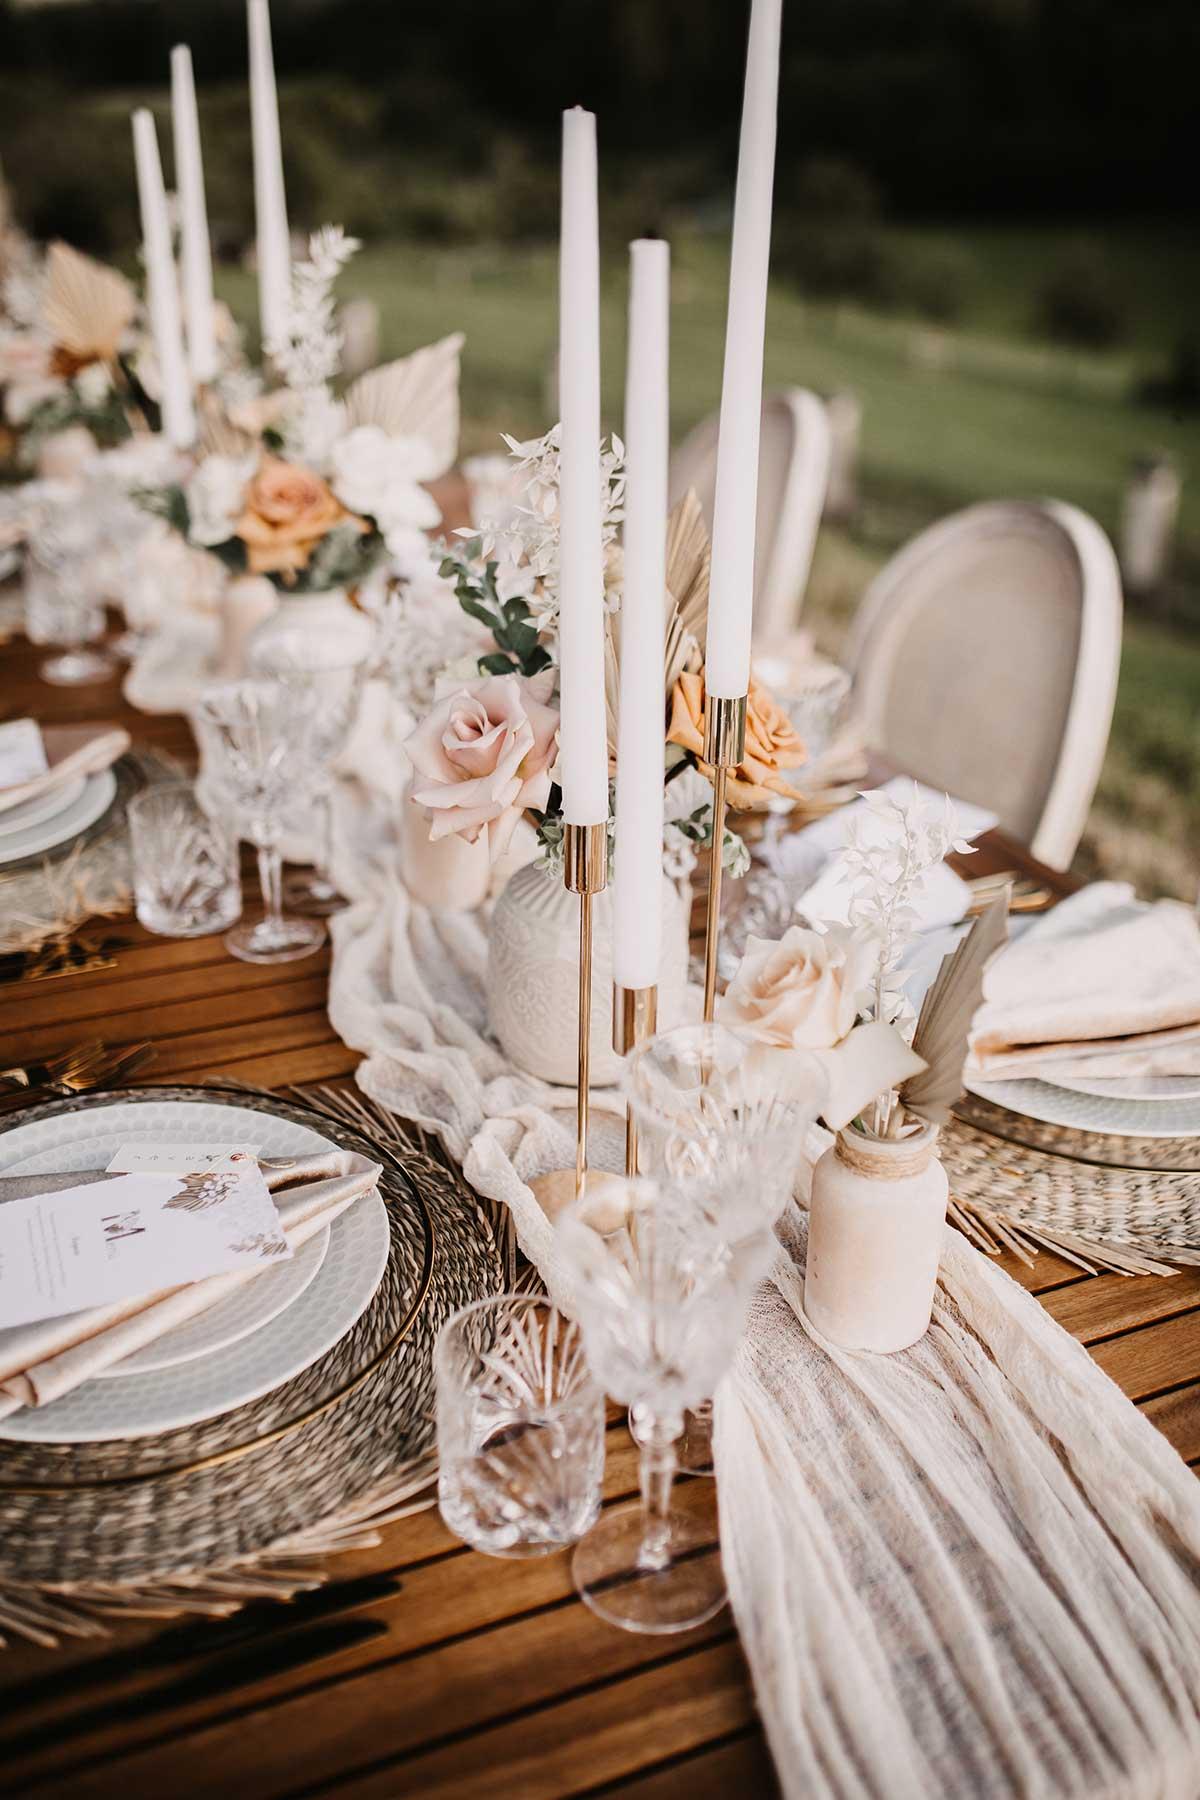 Kerzenständer in Gold für die Tischdeko bei der Hochzeit